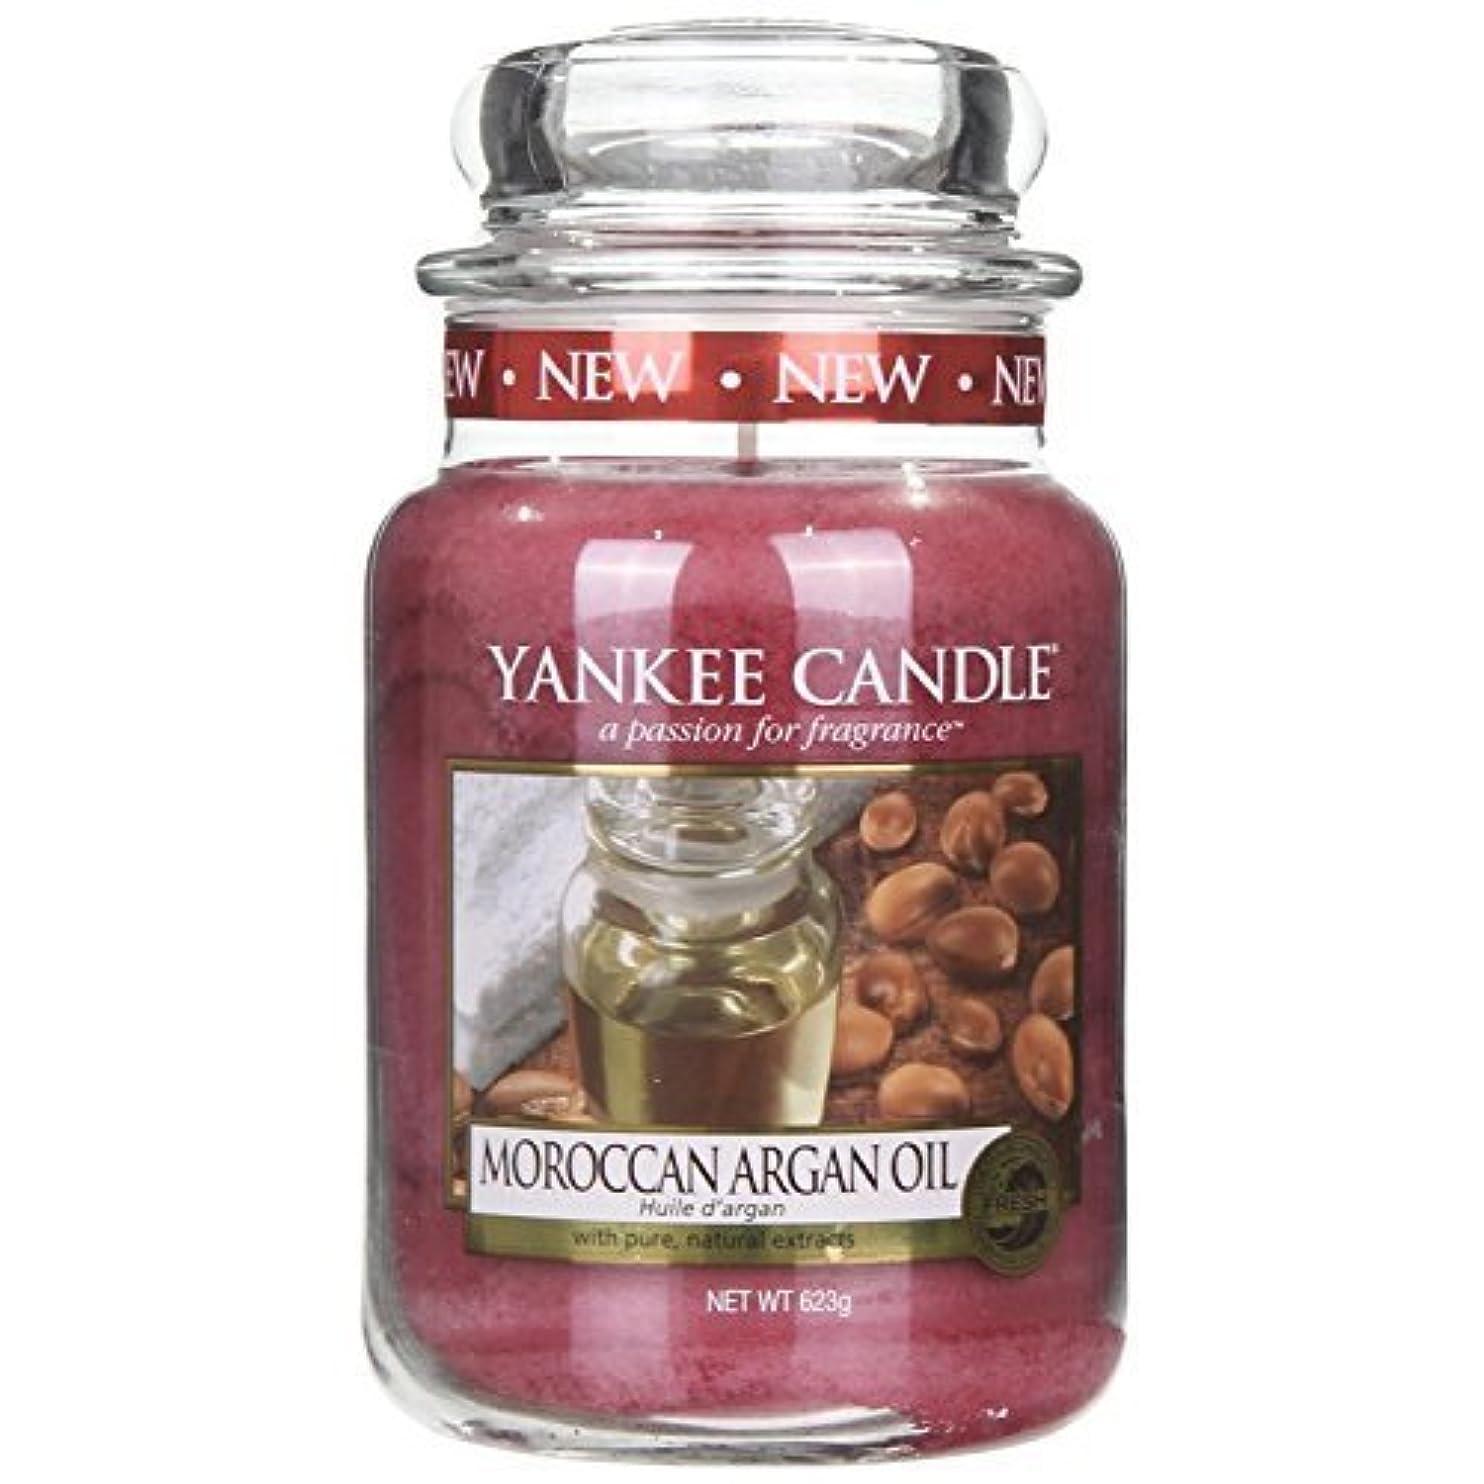 解放富豪証明するYankee Candle MOROCCAN ARGAN OIL 22oz Large Jar Candle - UK Exclusive by Yankee Candle [並行輸入品]